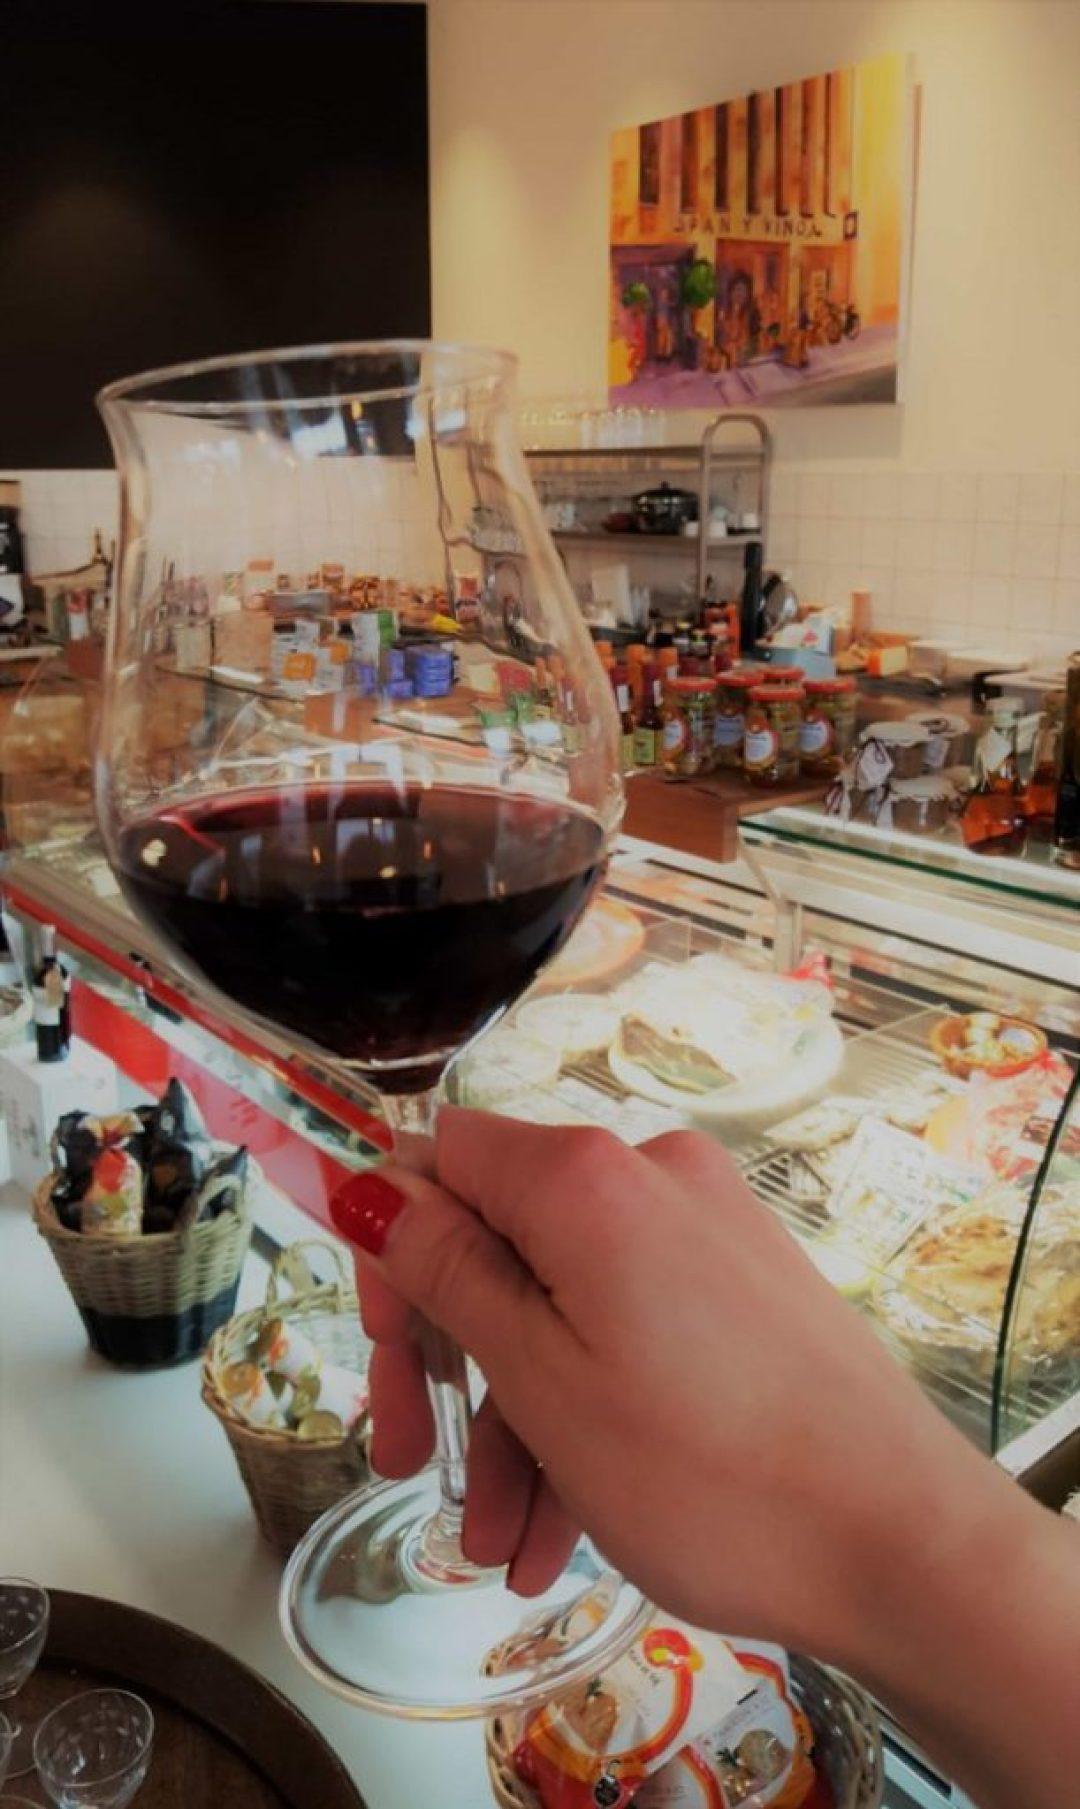 pan y vino: lekkere wijn